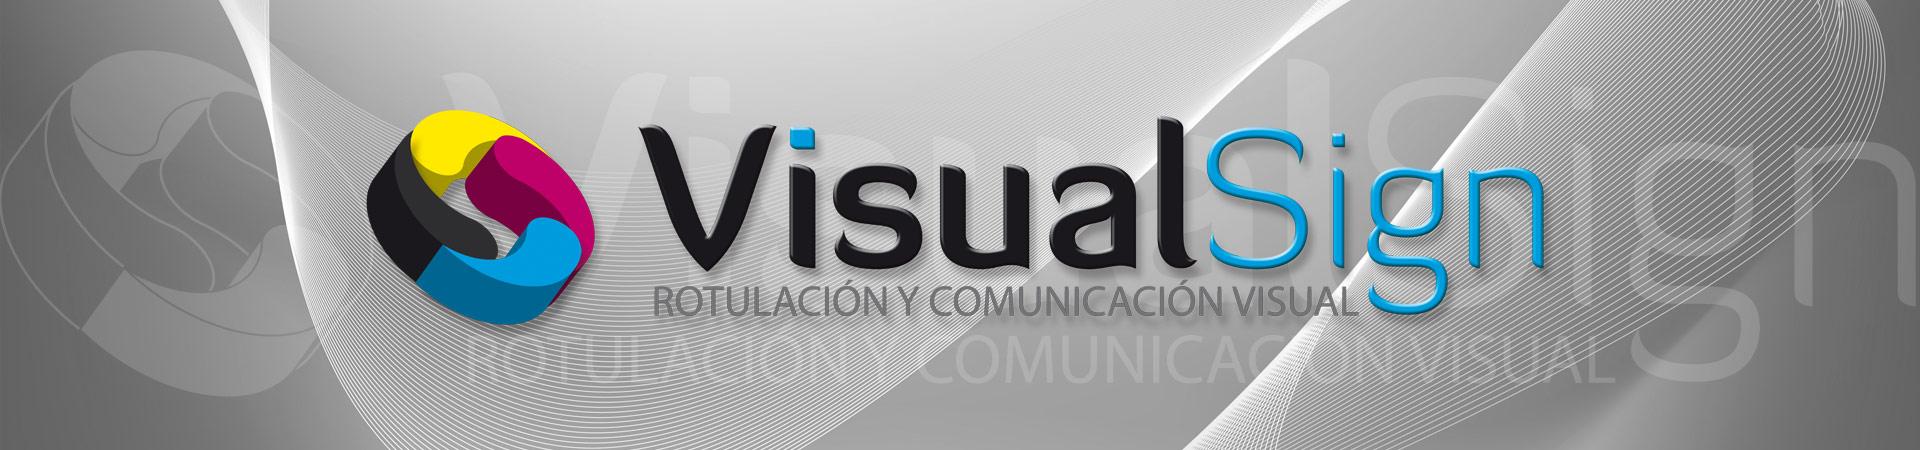 imagen_logo_carrusel